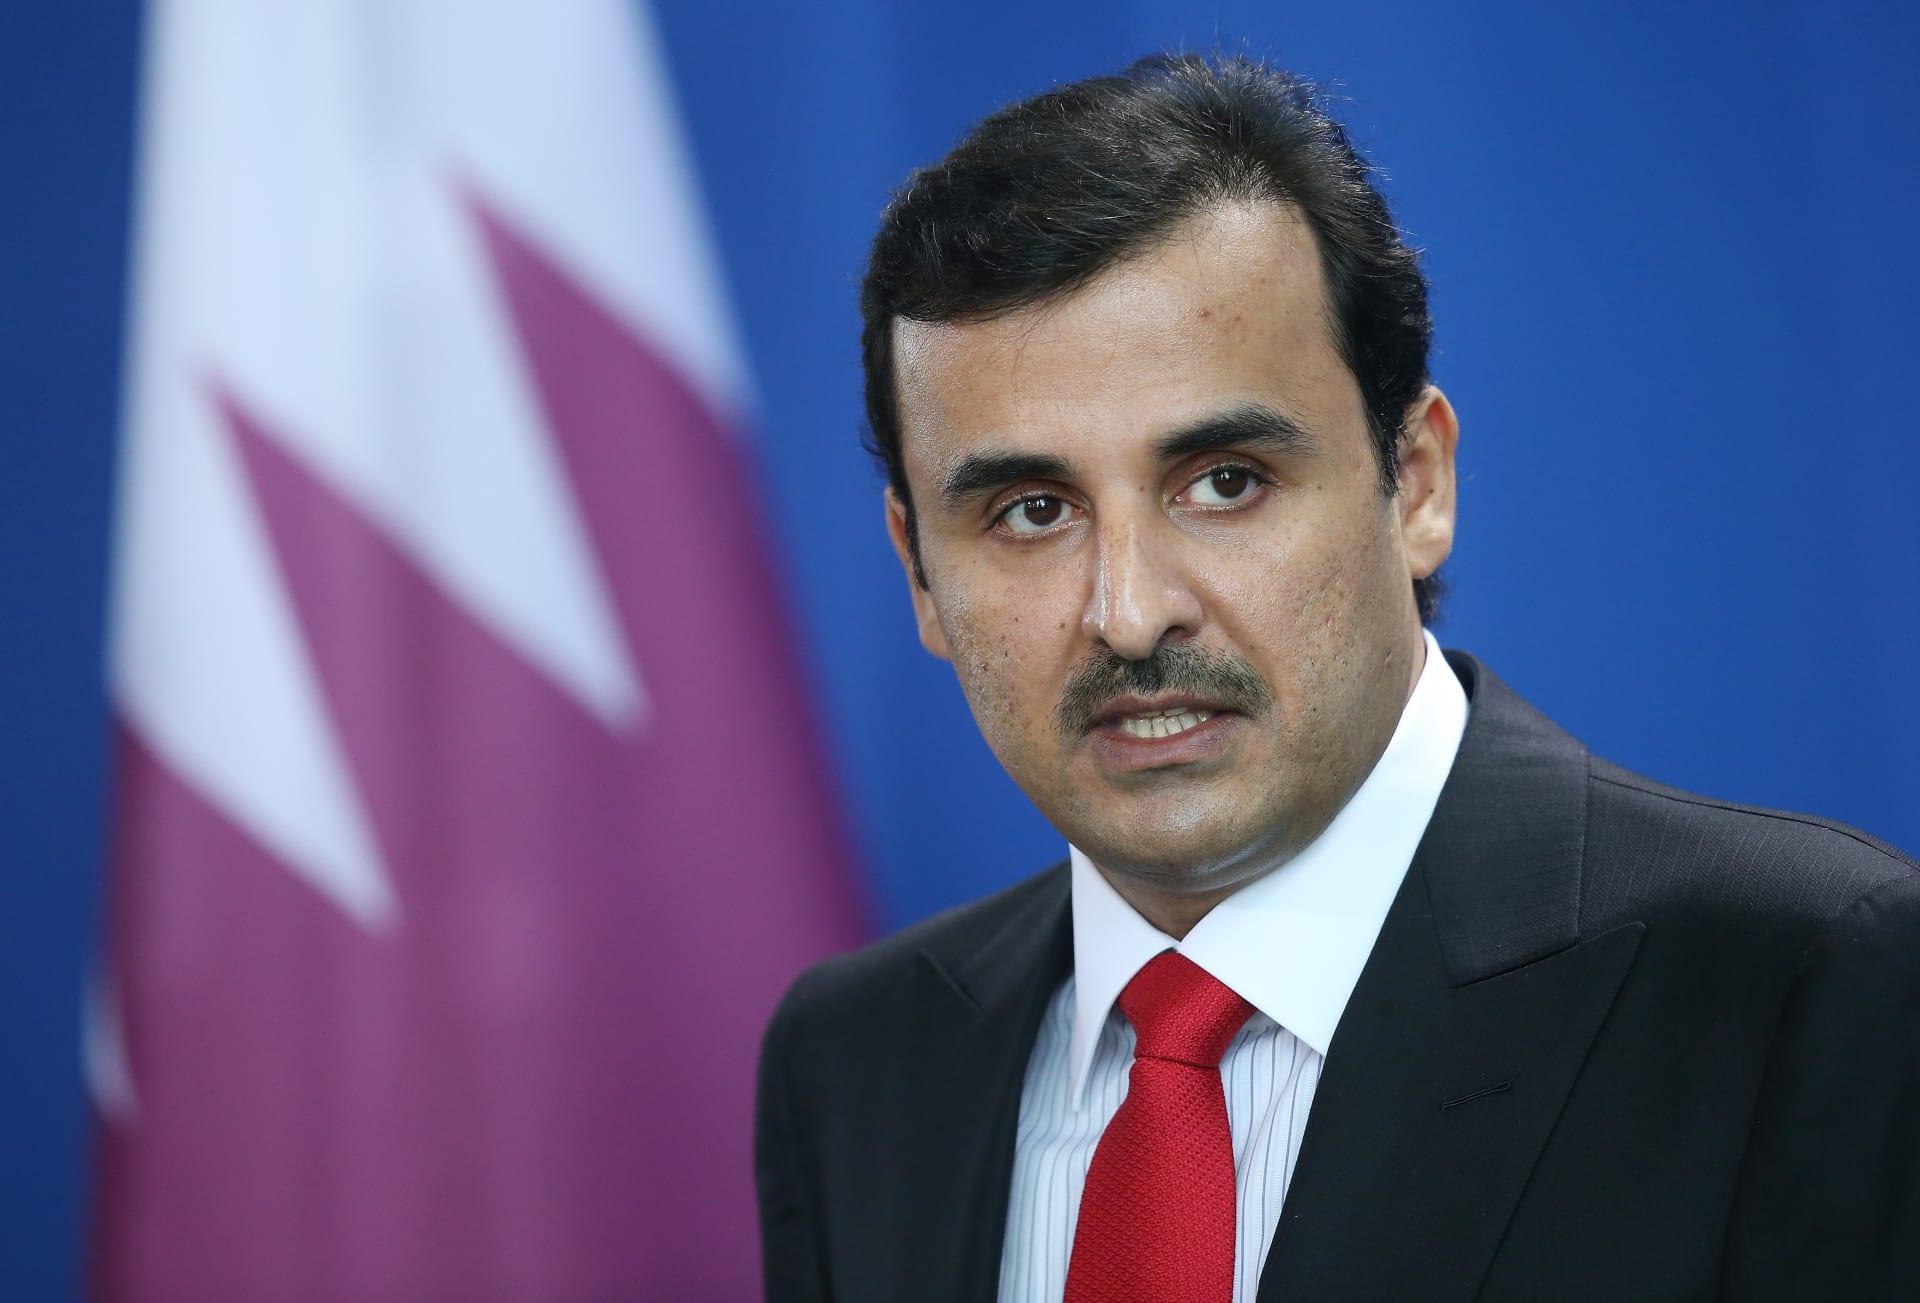 ما الذي سيبحثه أمير قطر بزيارته للولايات المتحدة؟